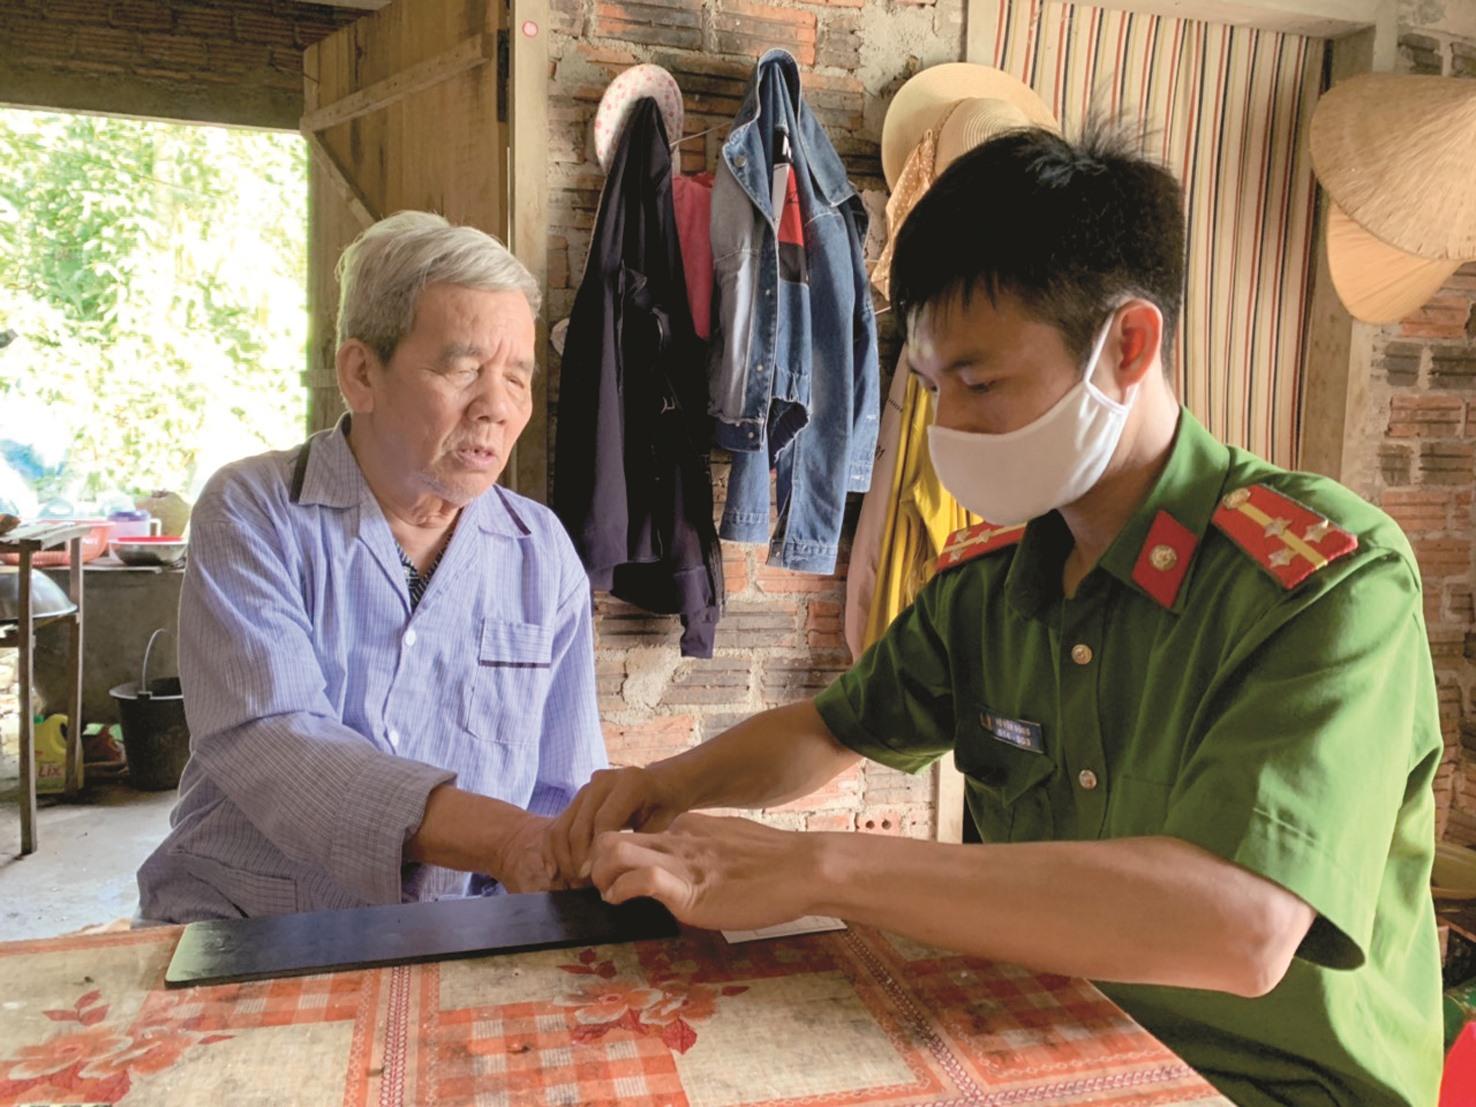 Cán bộ chiến sĩ Công an huyện Tiên Phước đến làm chứng minh nhân dân tận nhà cho người dân trong đợt dịch bệnh Covid-19. Ảnh: D.L